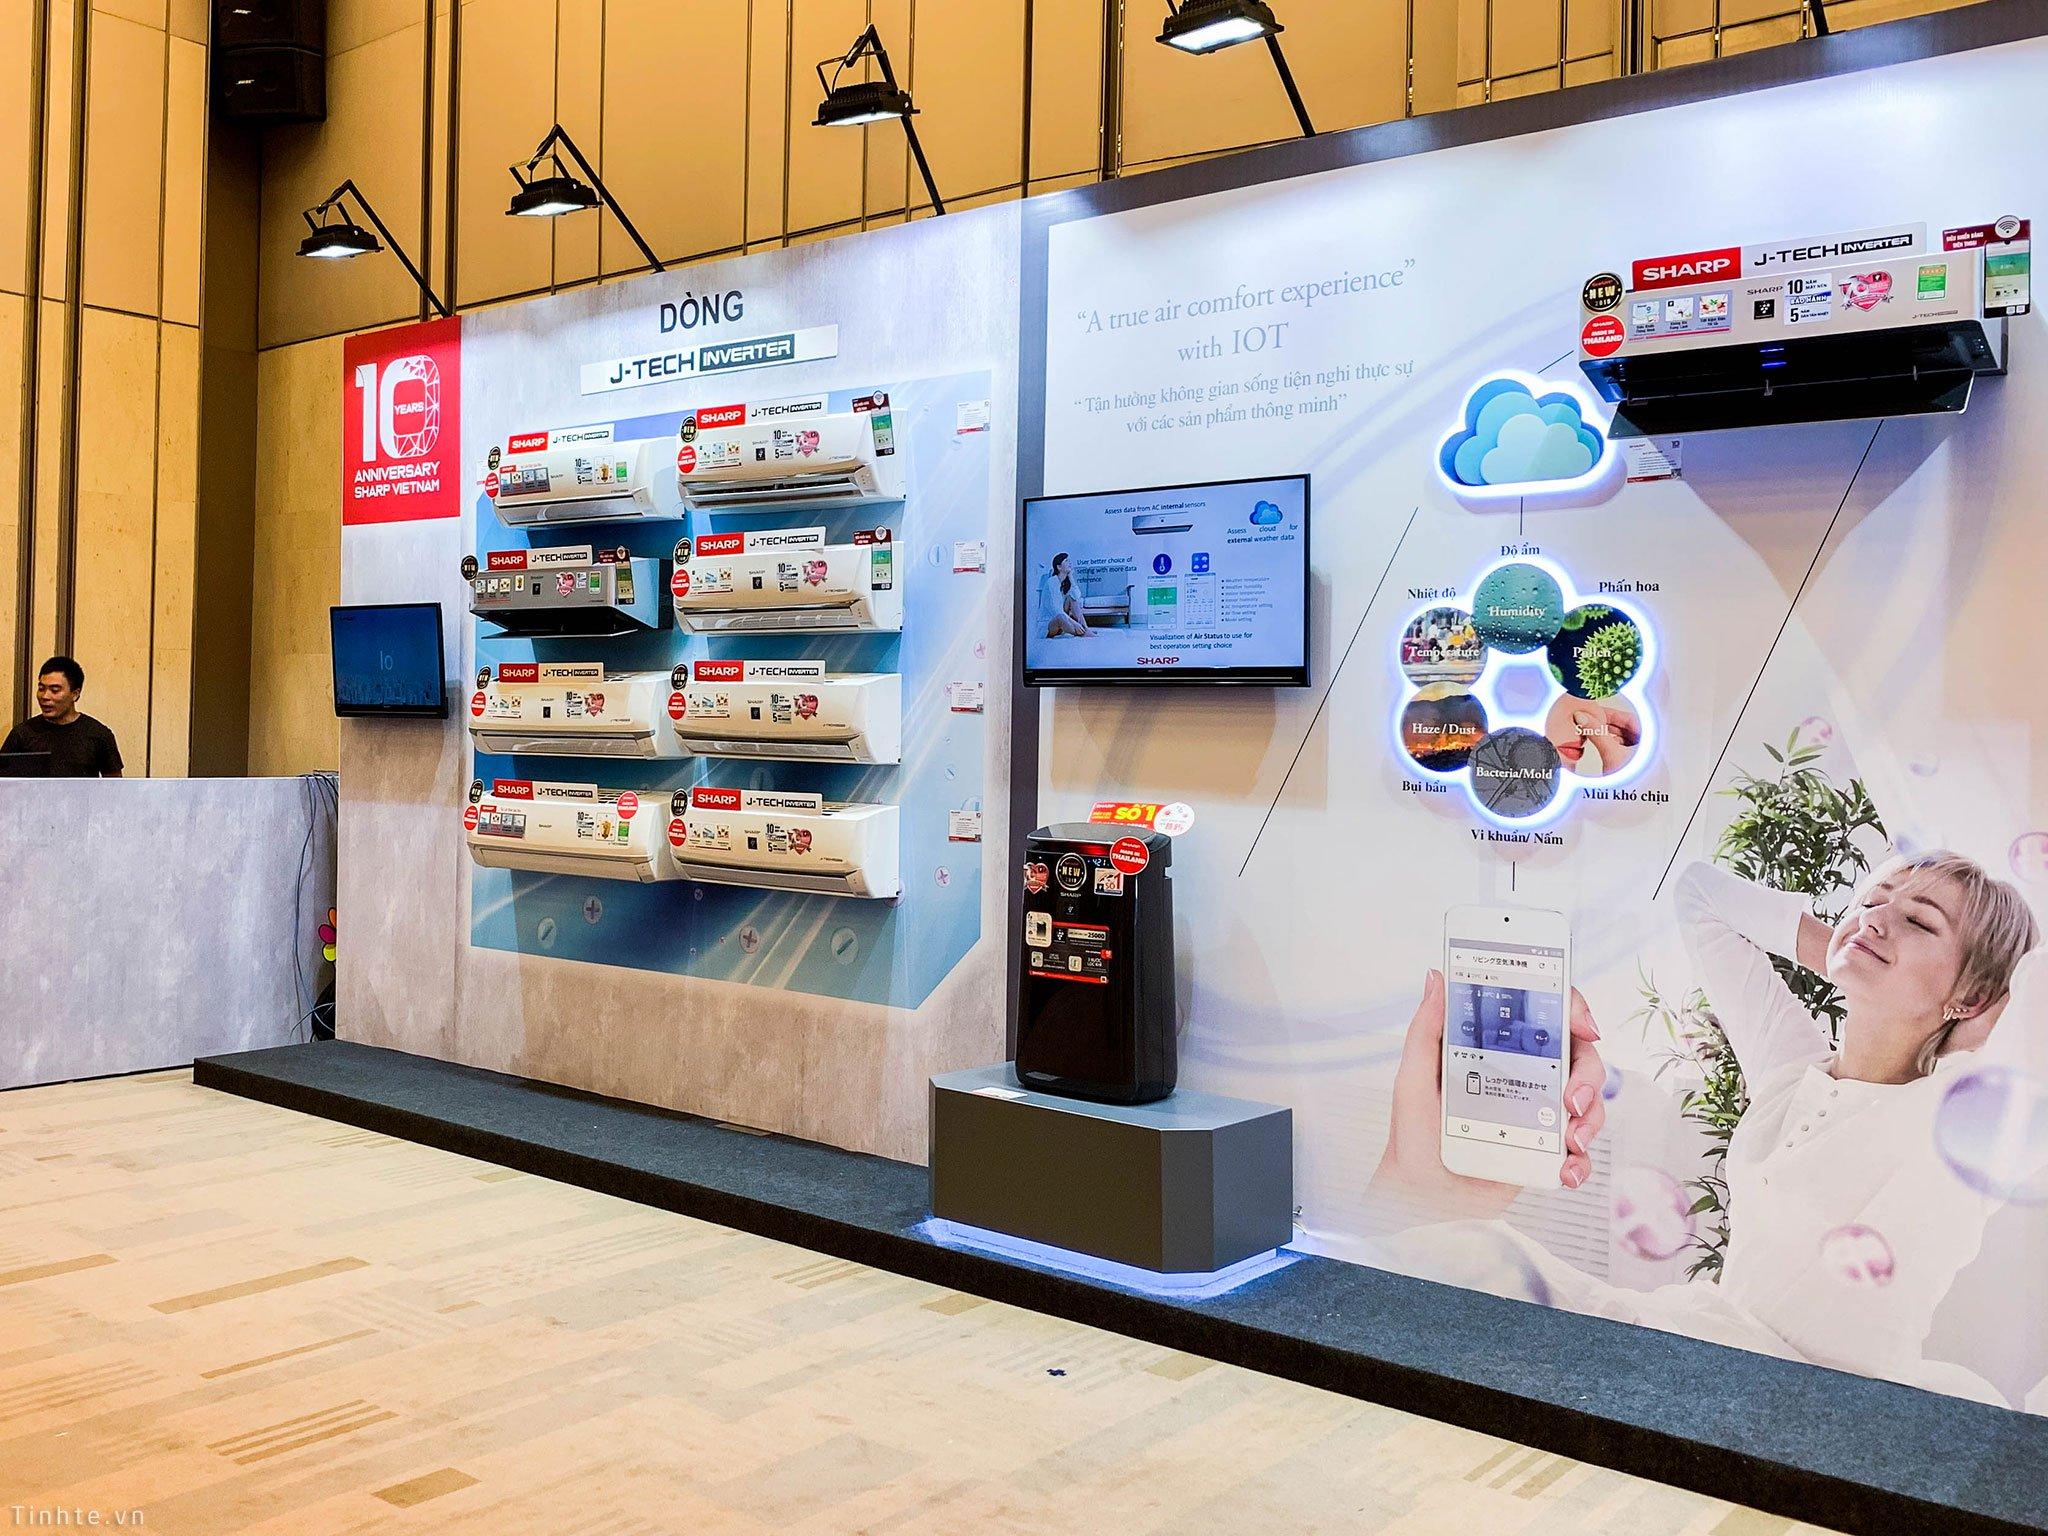 Sharp Việt Nam kỷ niệm 10 năm có mặt, trưng bày và giới thiệu một loạt công nghệ mới - Hình 4